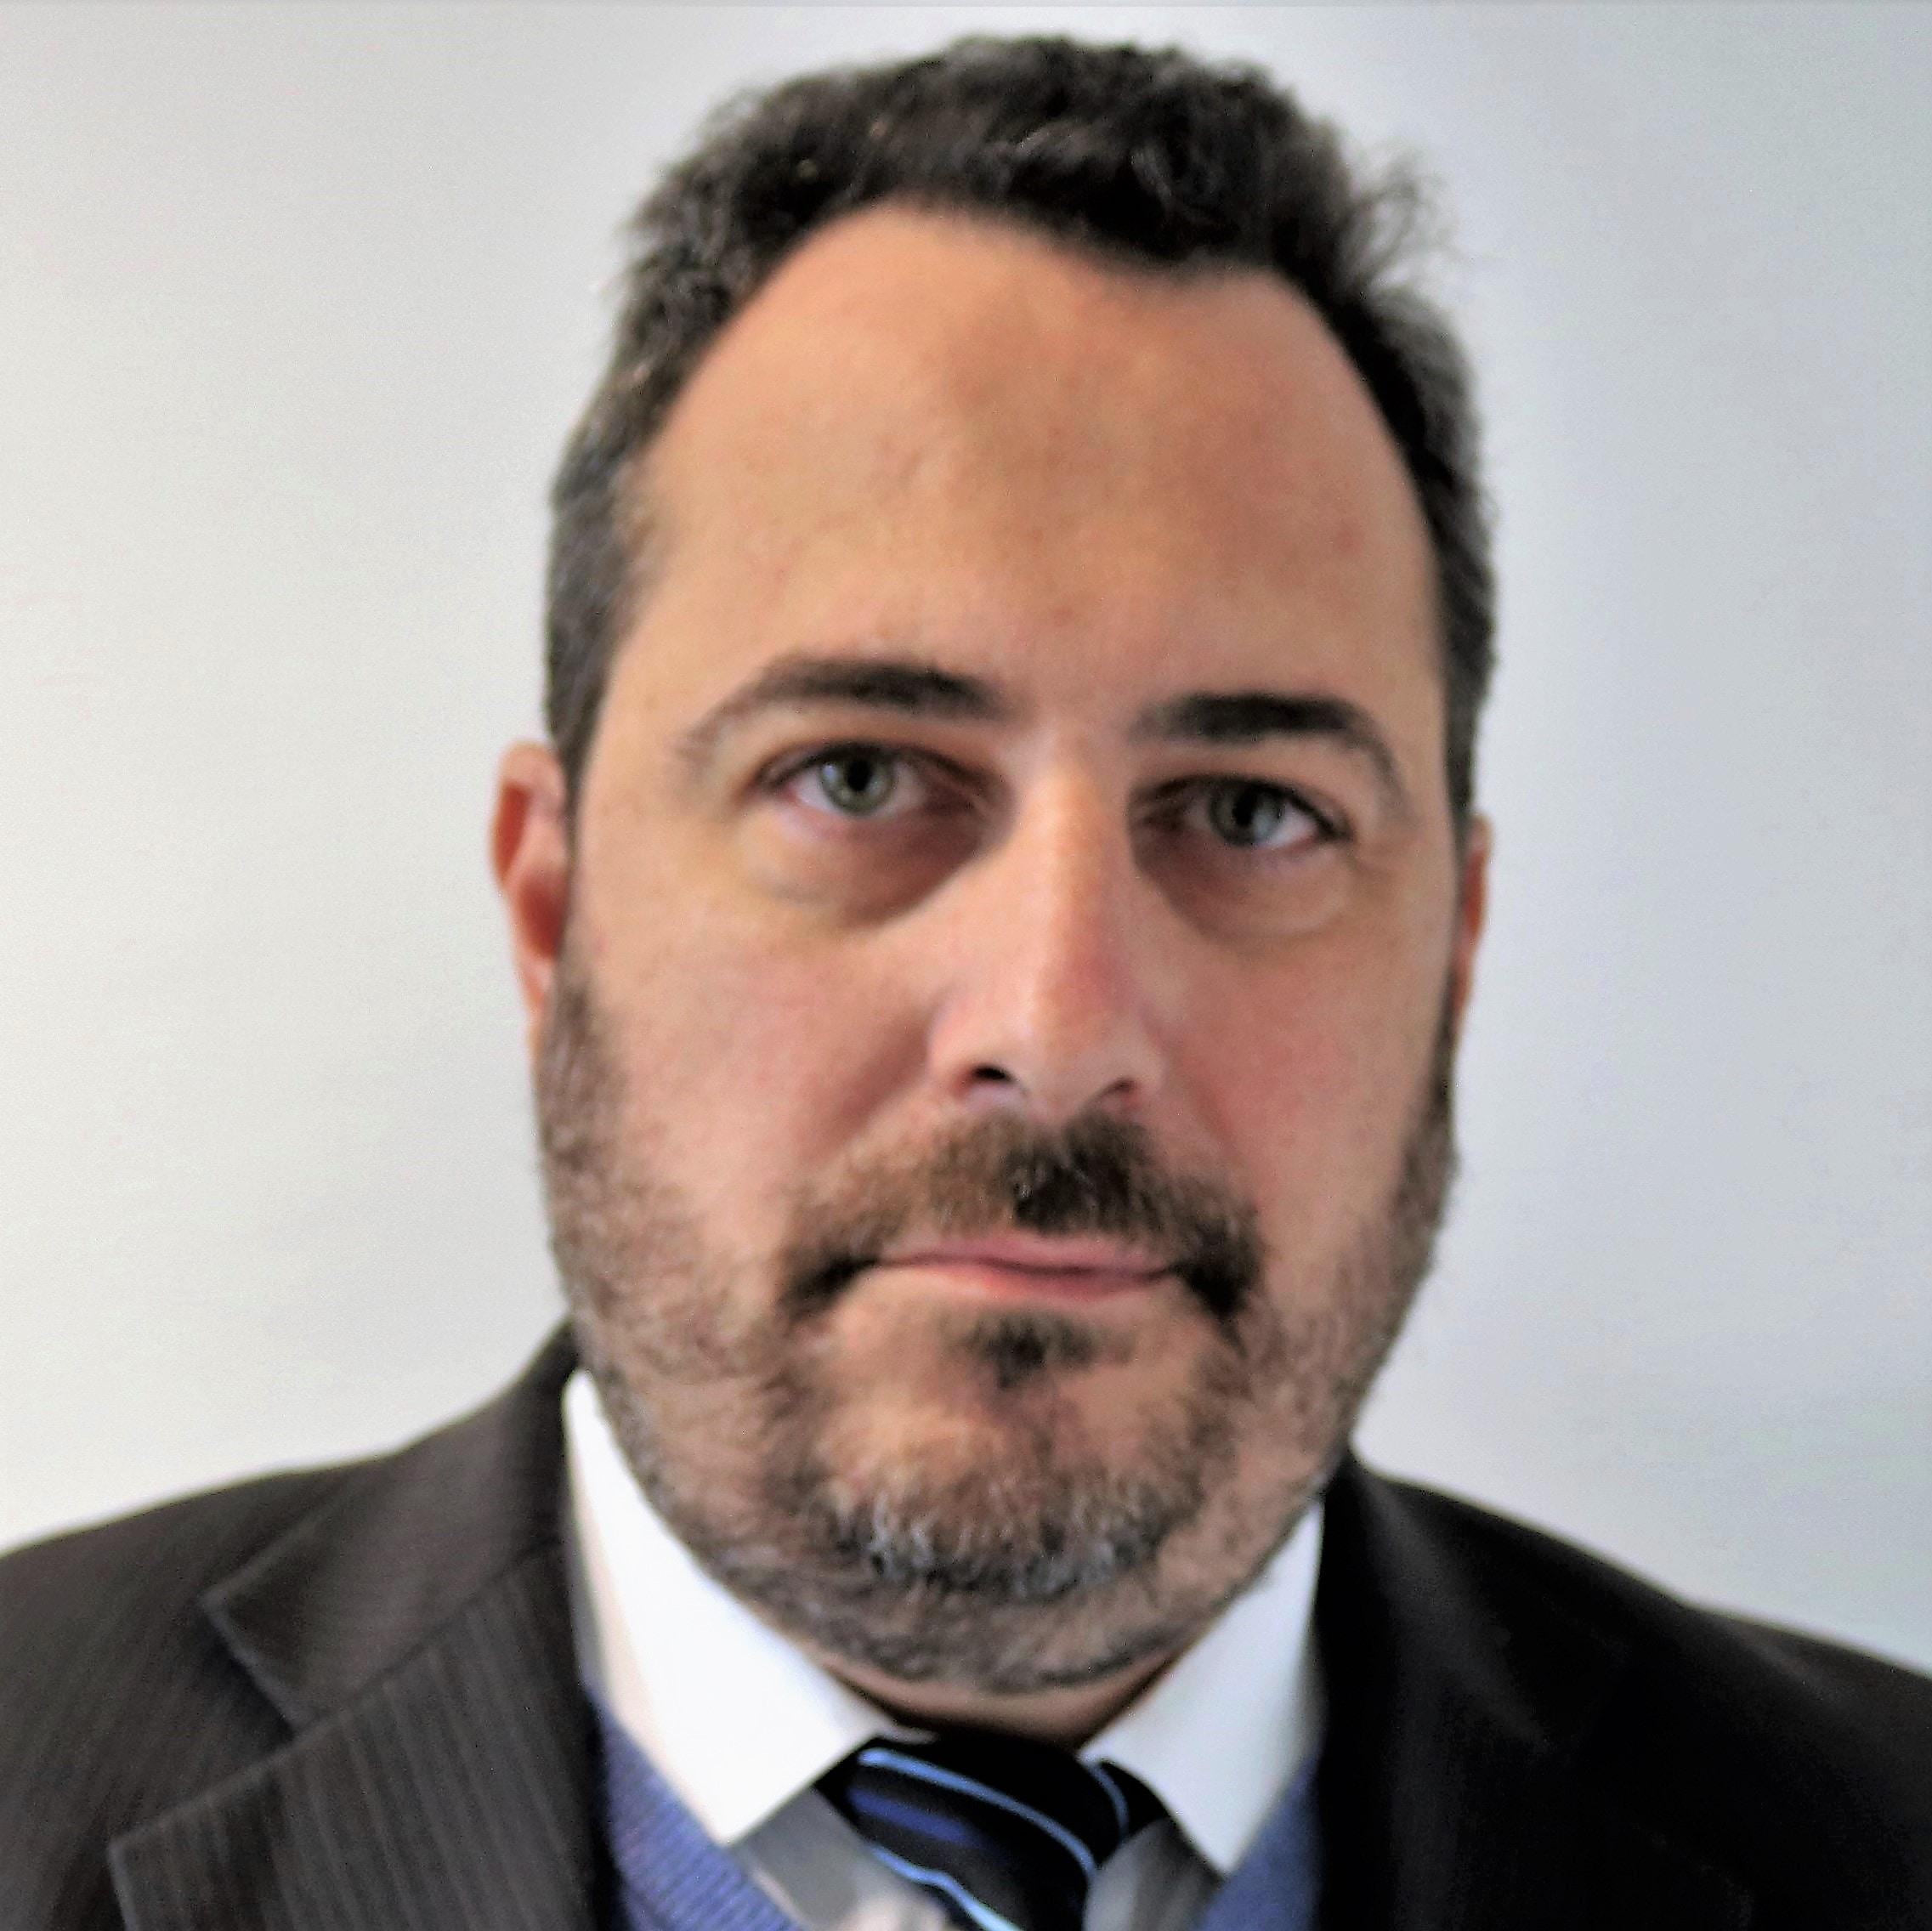 Go to MAURICIO EJCHEL's profile